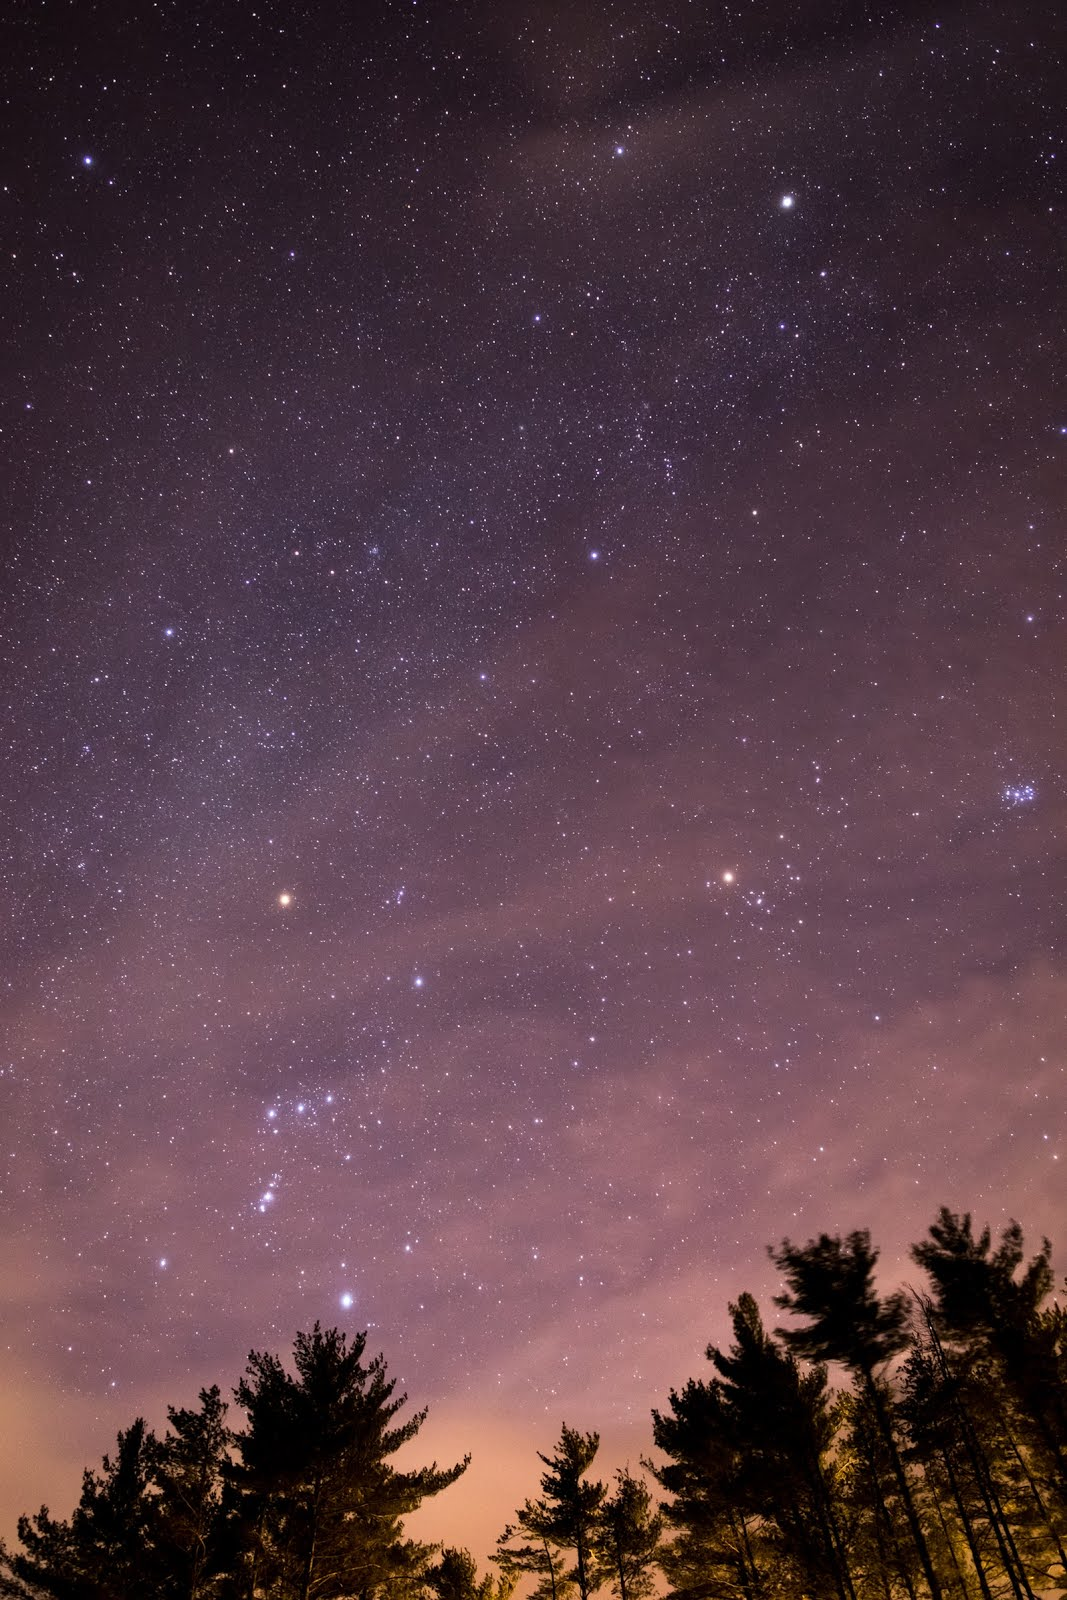 خلفية فضاء الاشجار - خلفيات فضاء ايفون